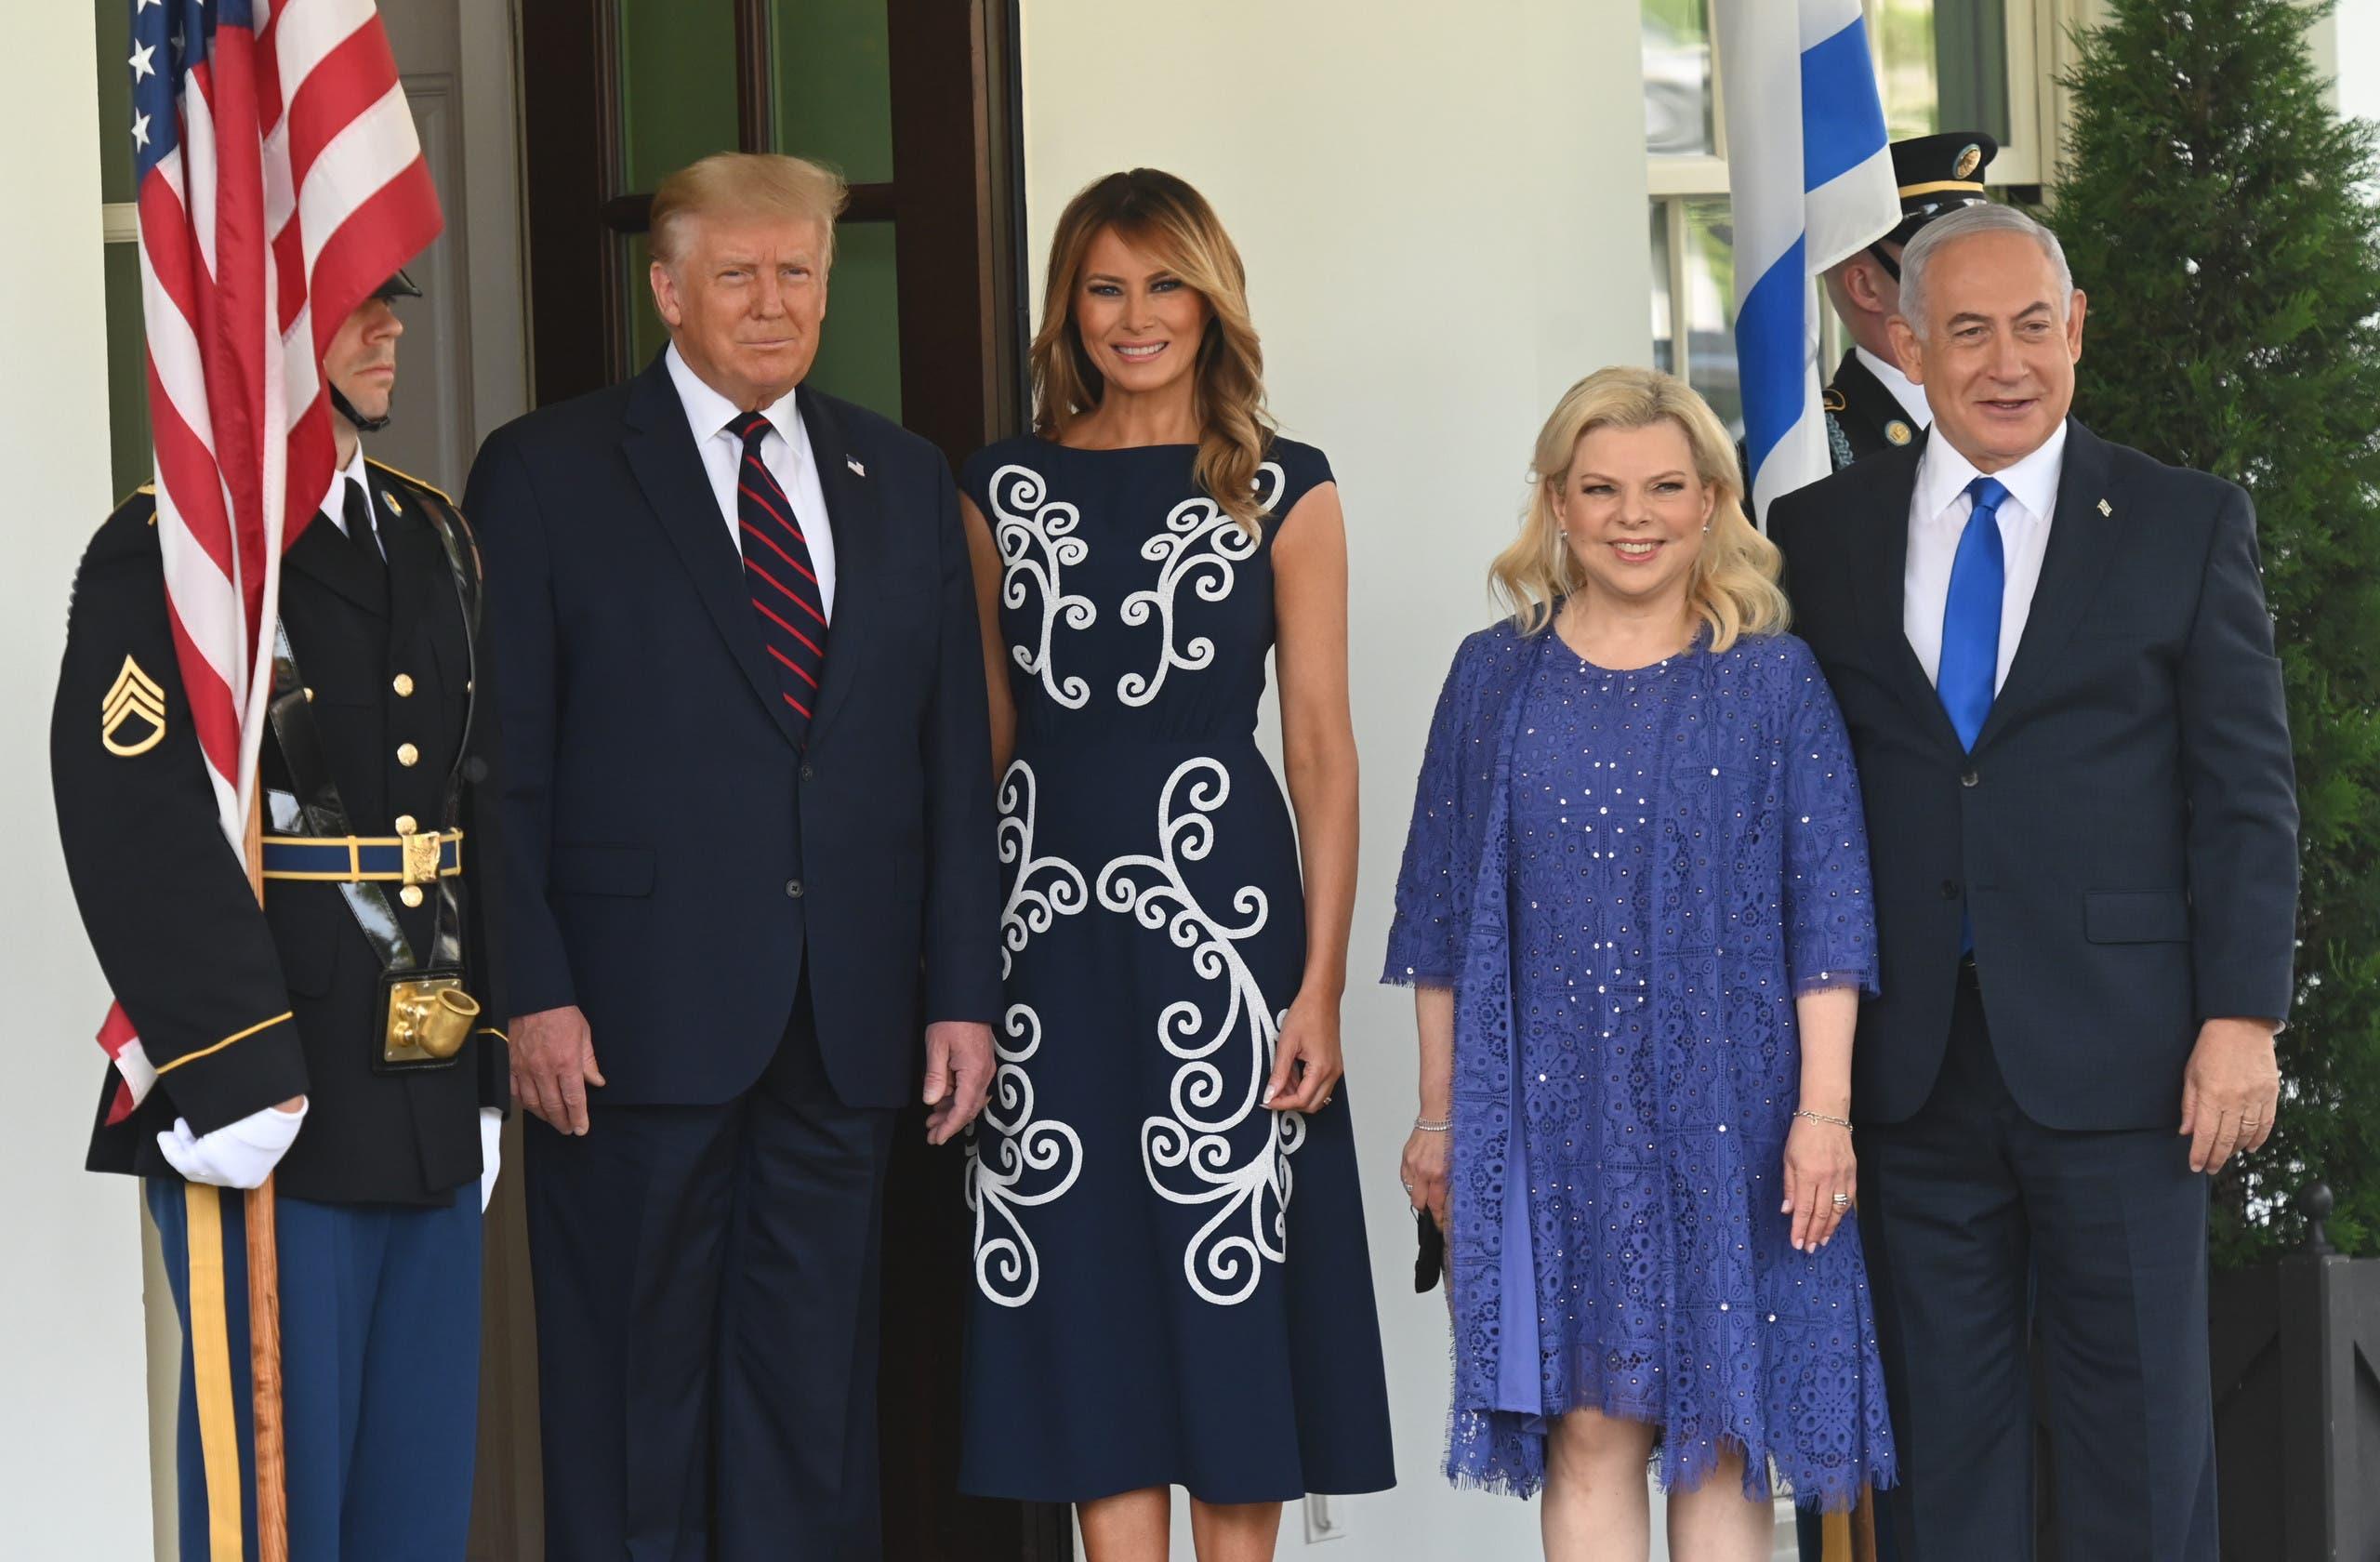 ترمب وزوجته ونتنياهو وزوجته